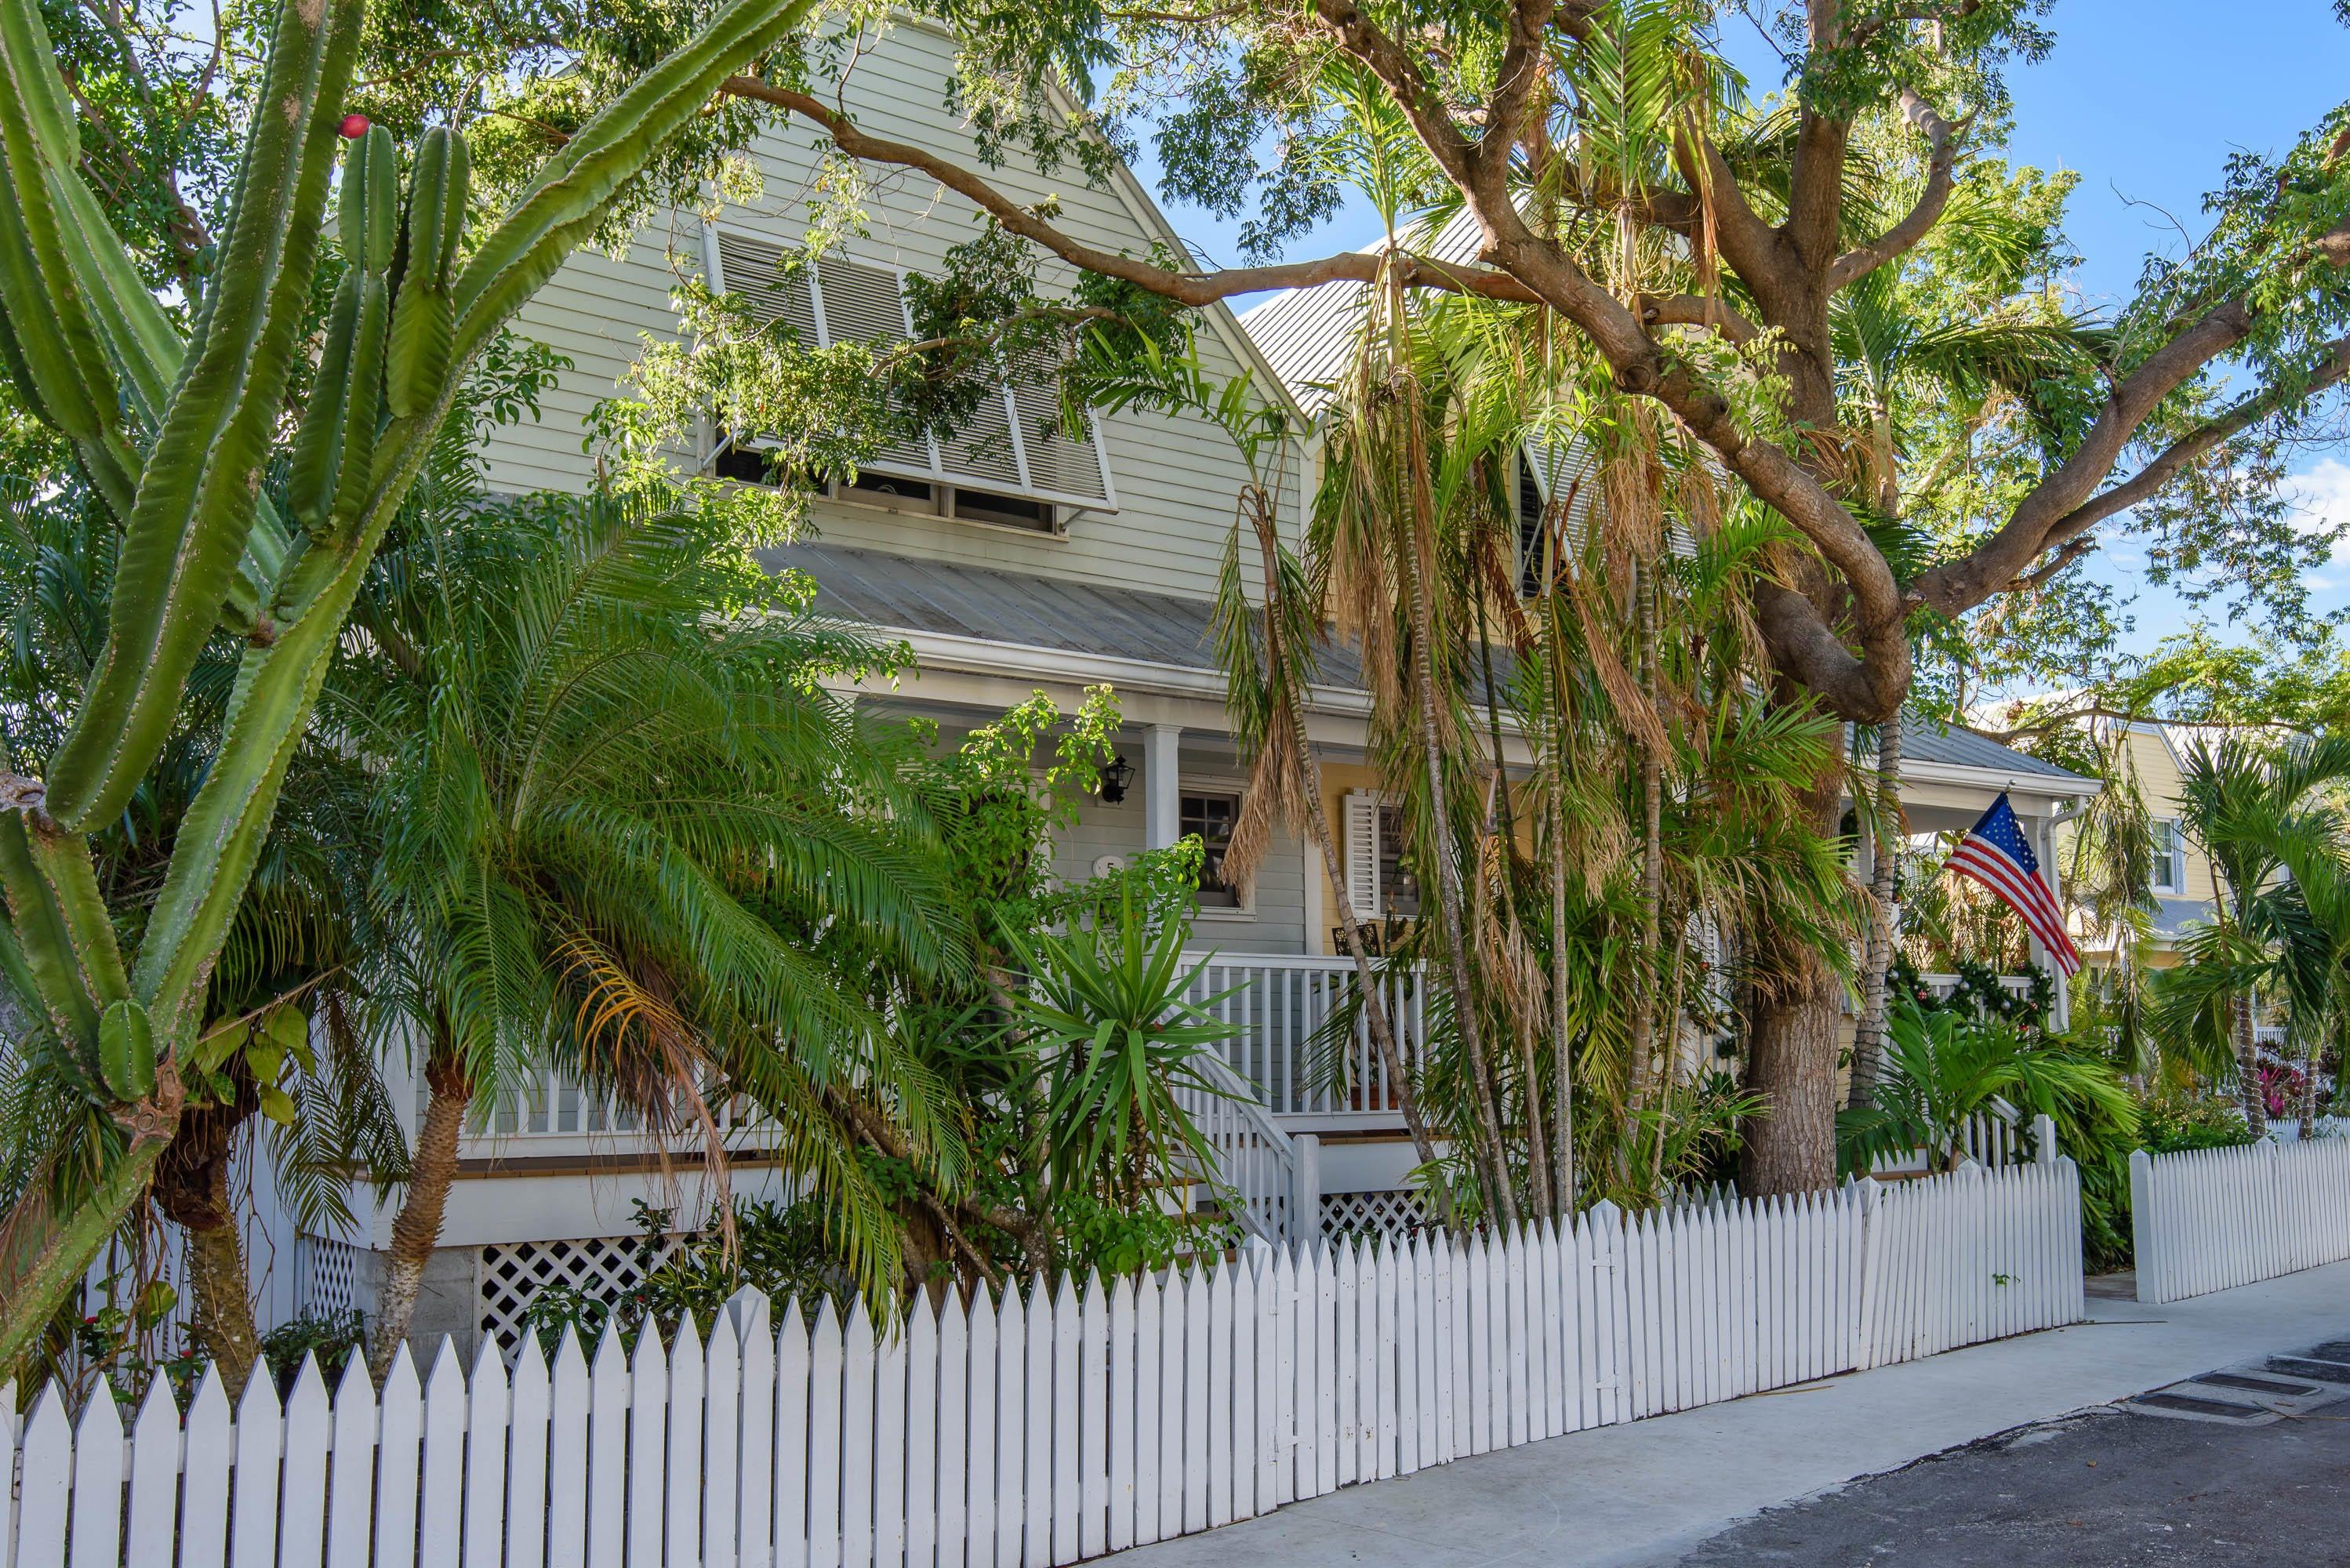 5 Kestral Way, Key West, FL 33040